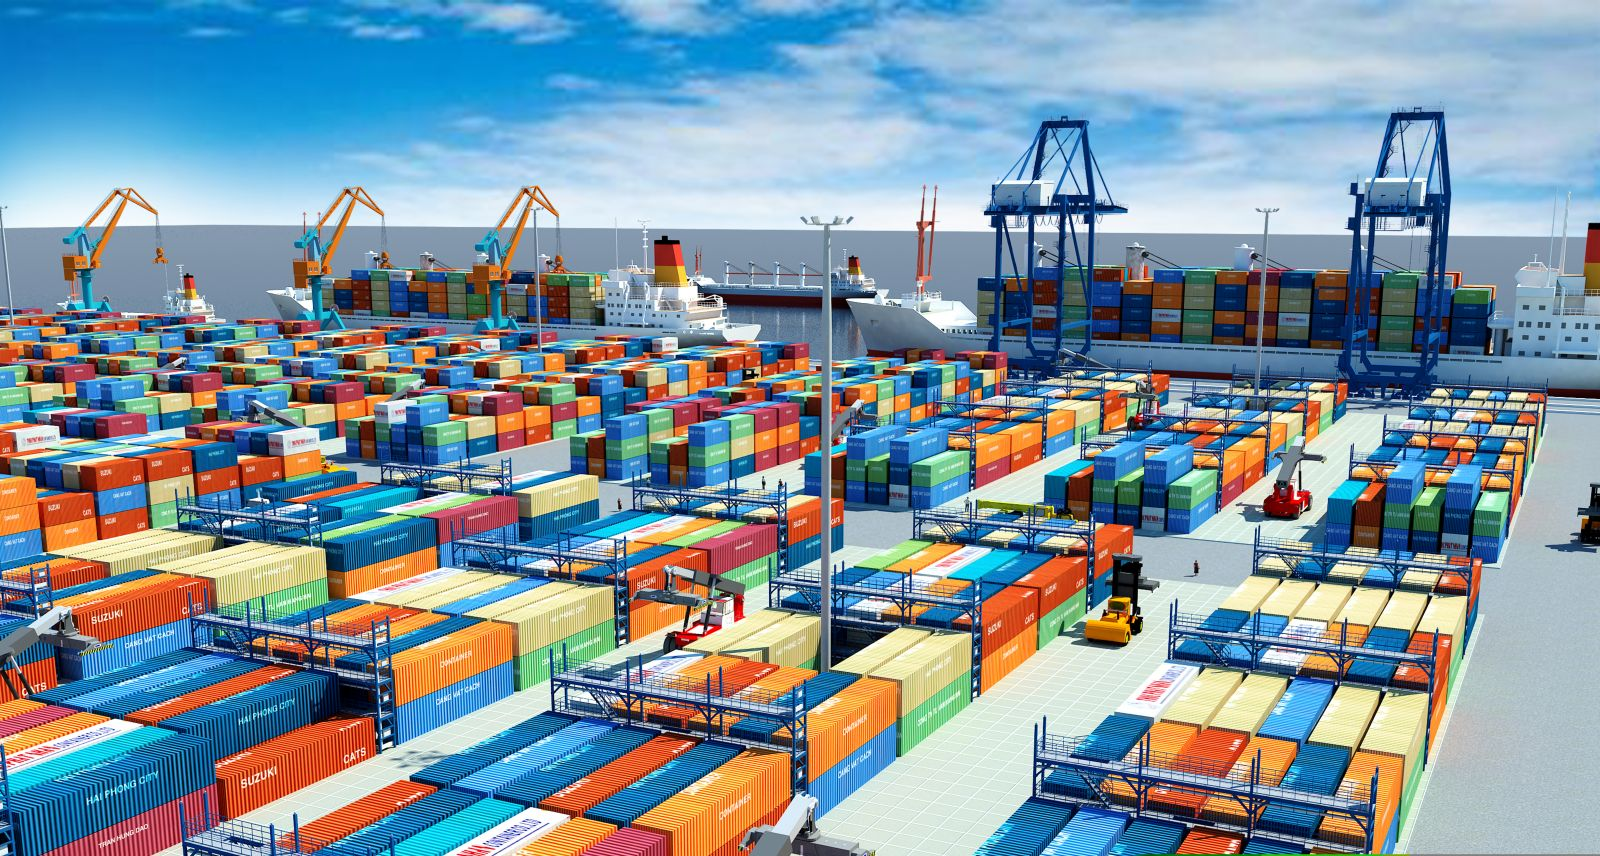 Kim ngạch xuất nhập khẩu của Việt Nam tăng mạnh 2 tháng đầu năm